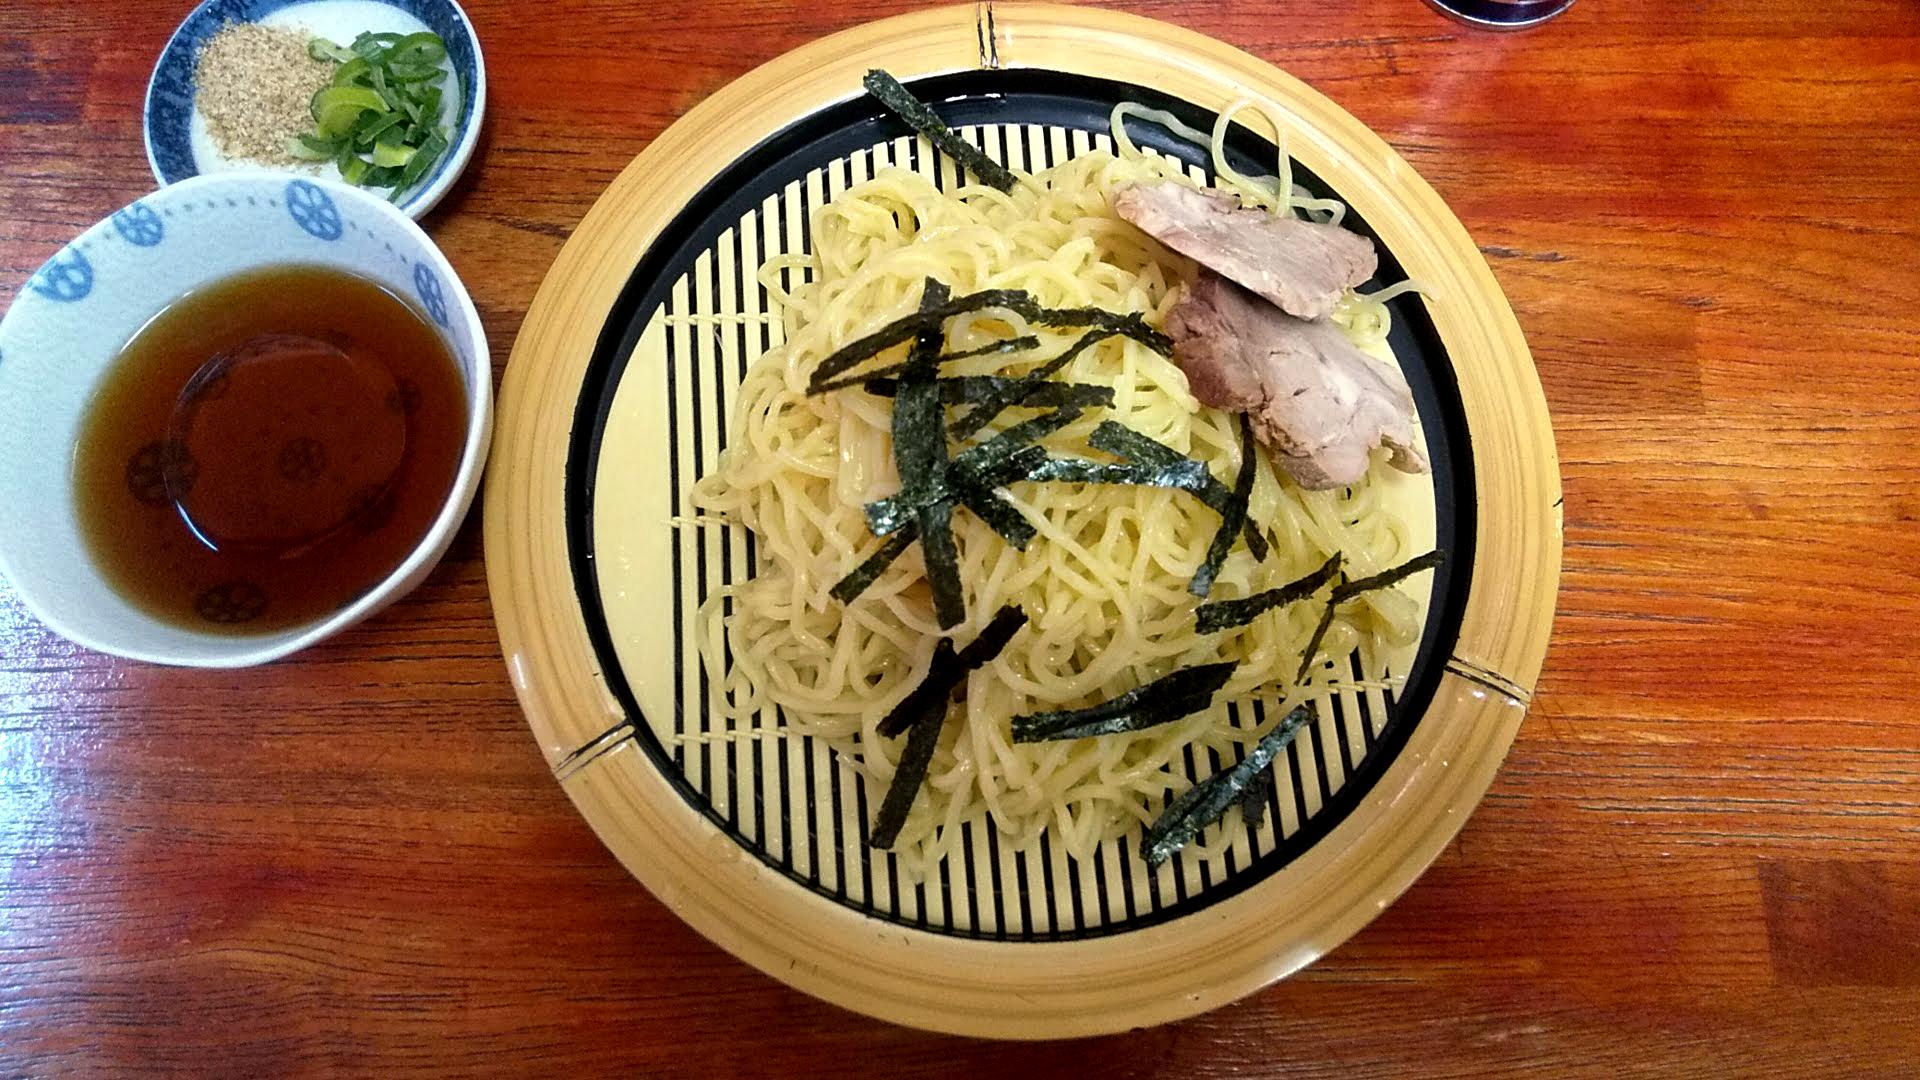 関取ラーメン竜軒のざる中華の麺皿の写真